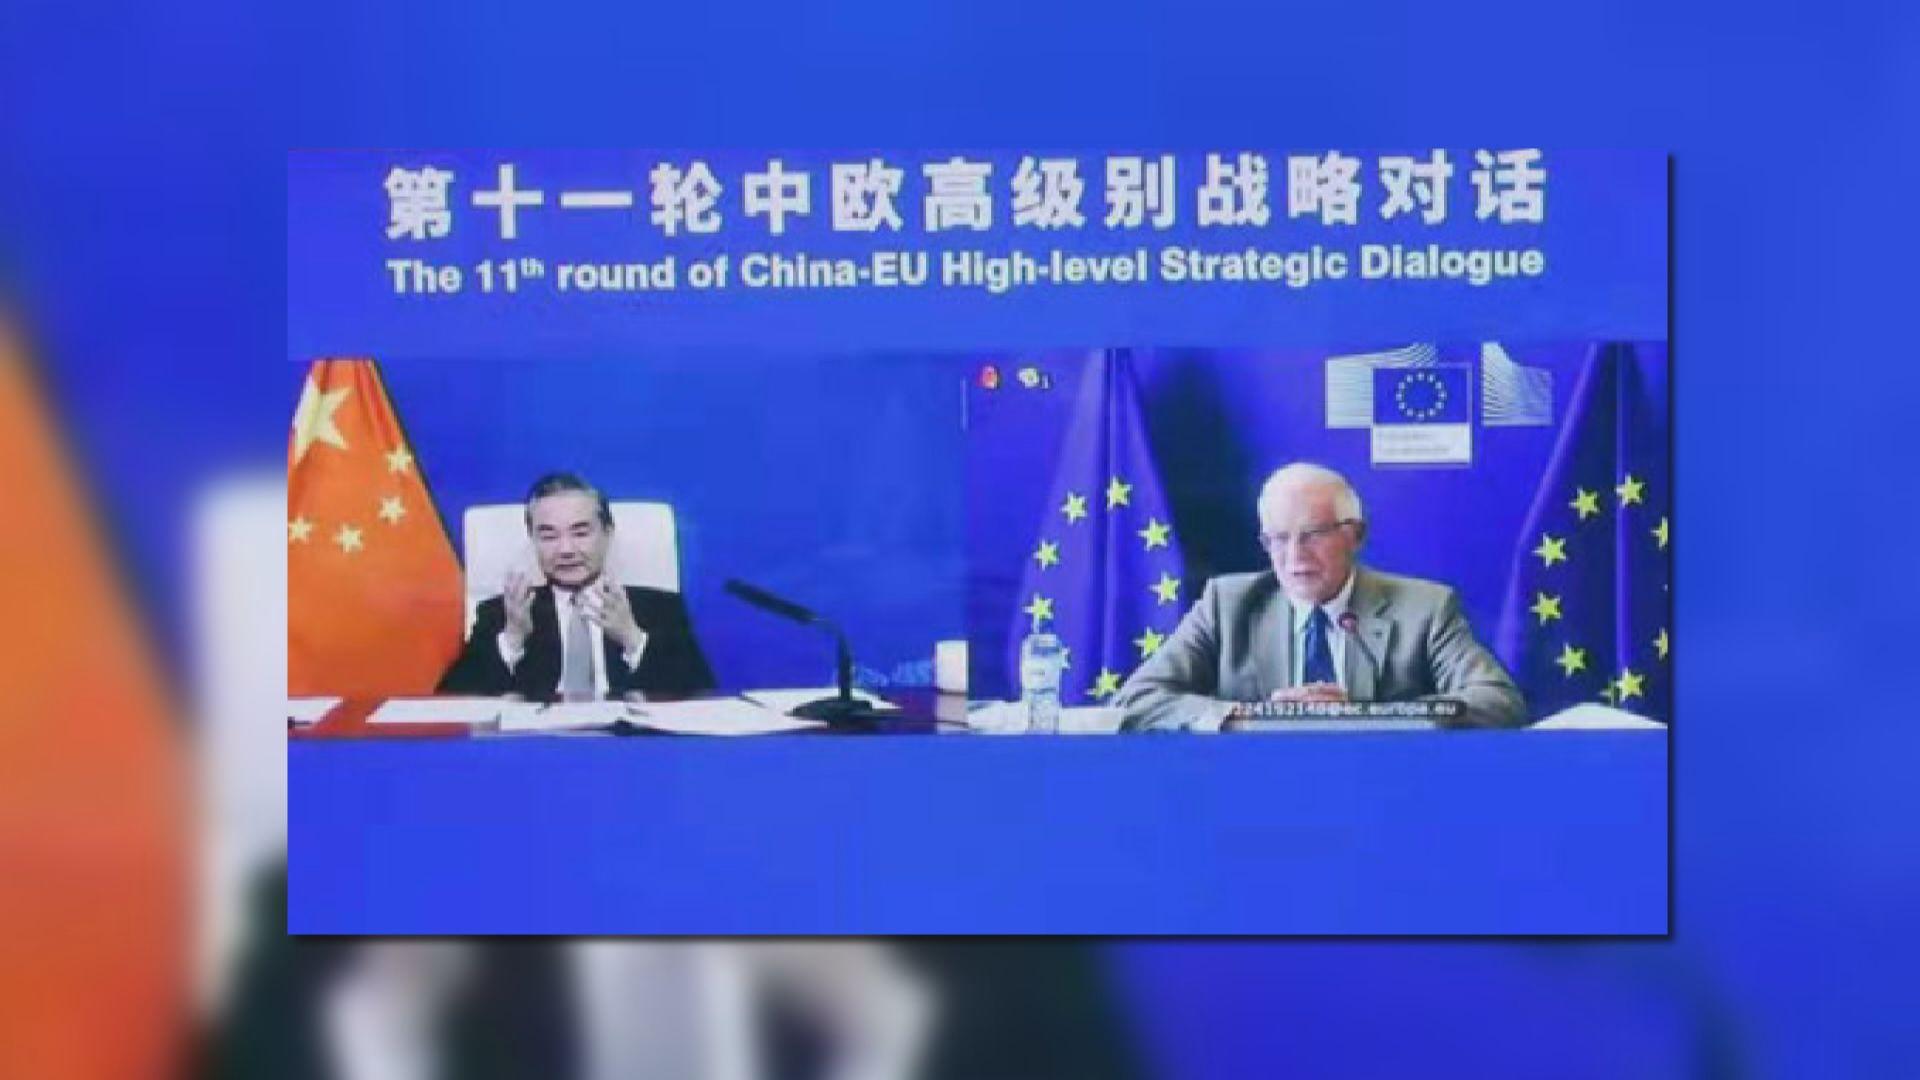 中歐舉行戰略對話 有討論香港及台灣問題